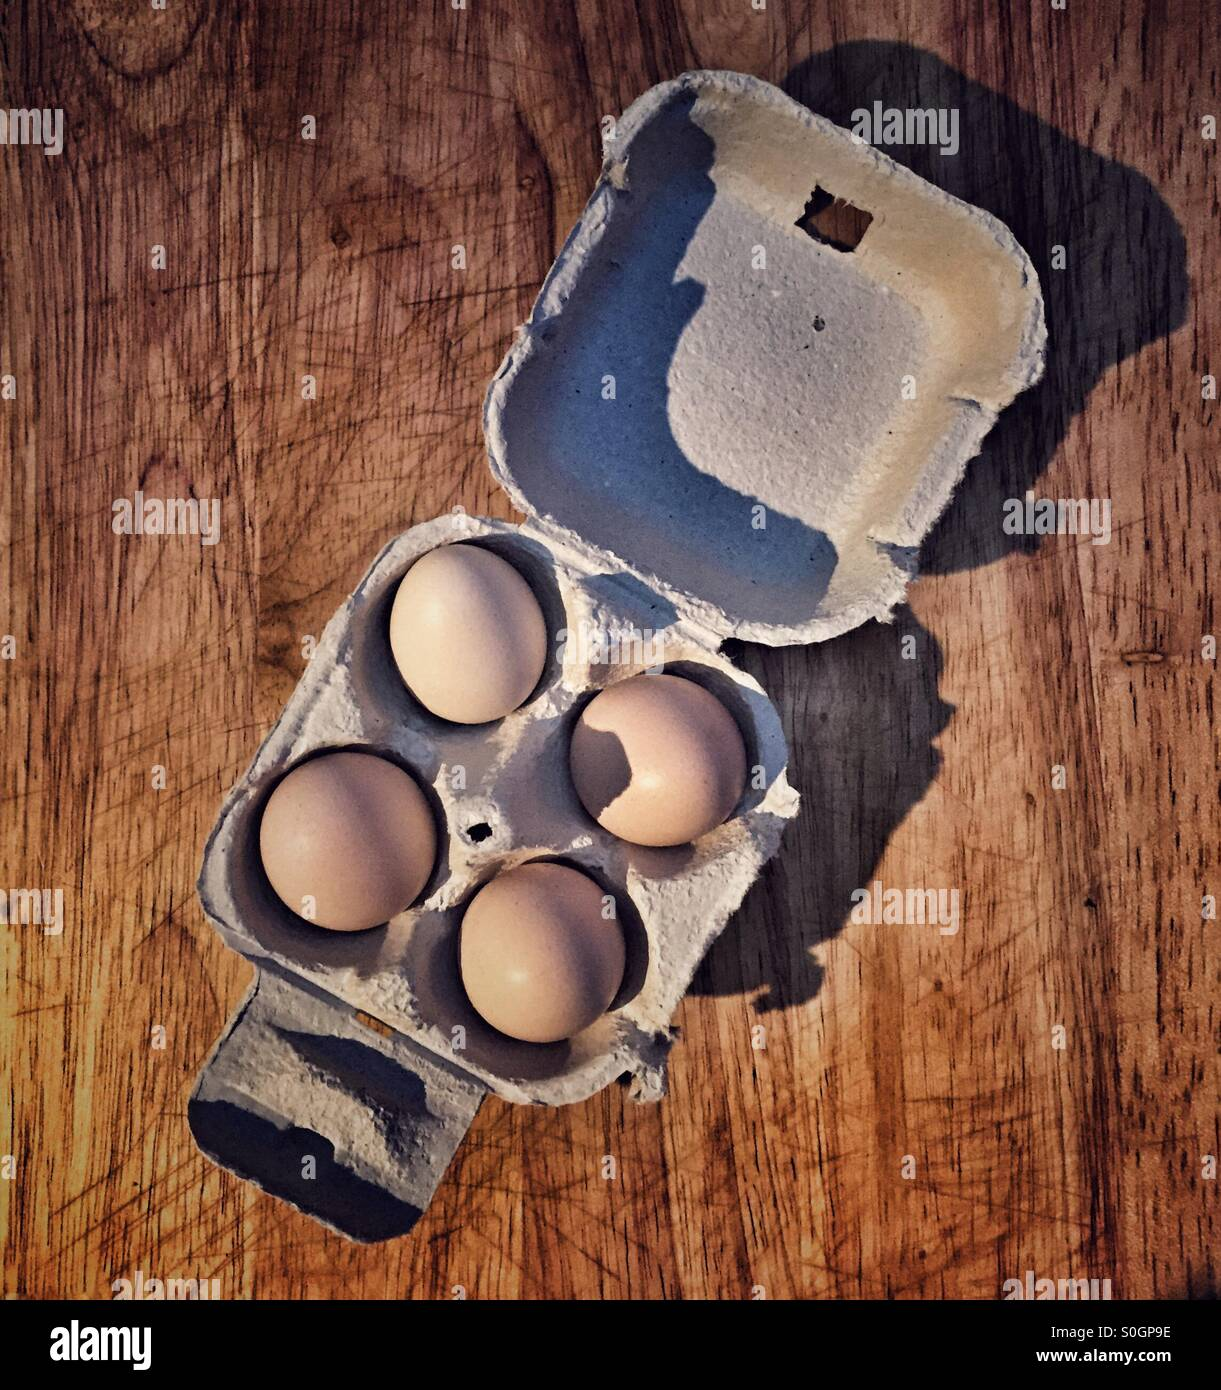 Quartet of home-produced bantam eggs - Stock Image